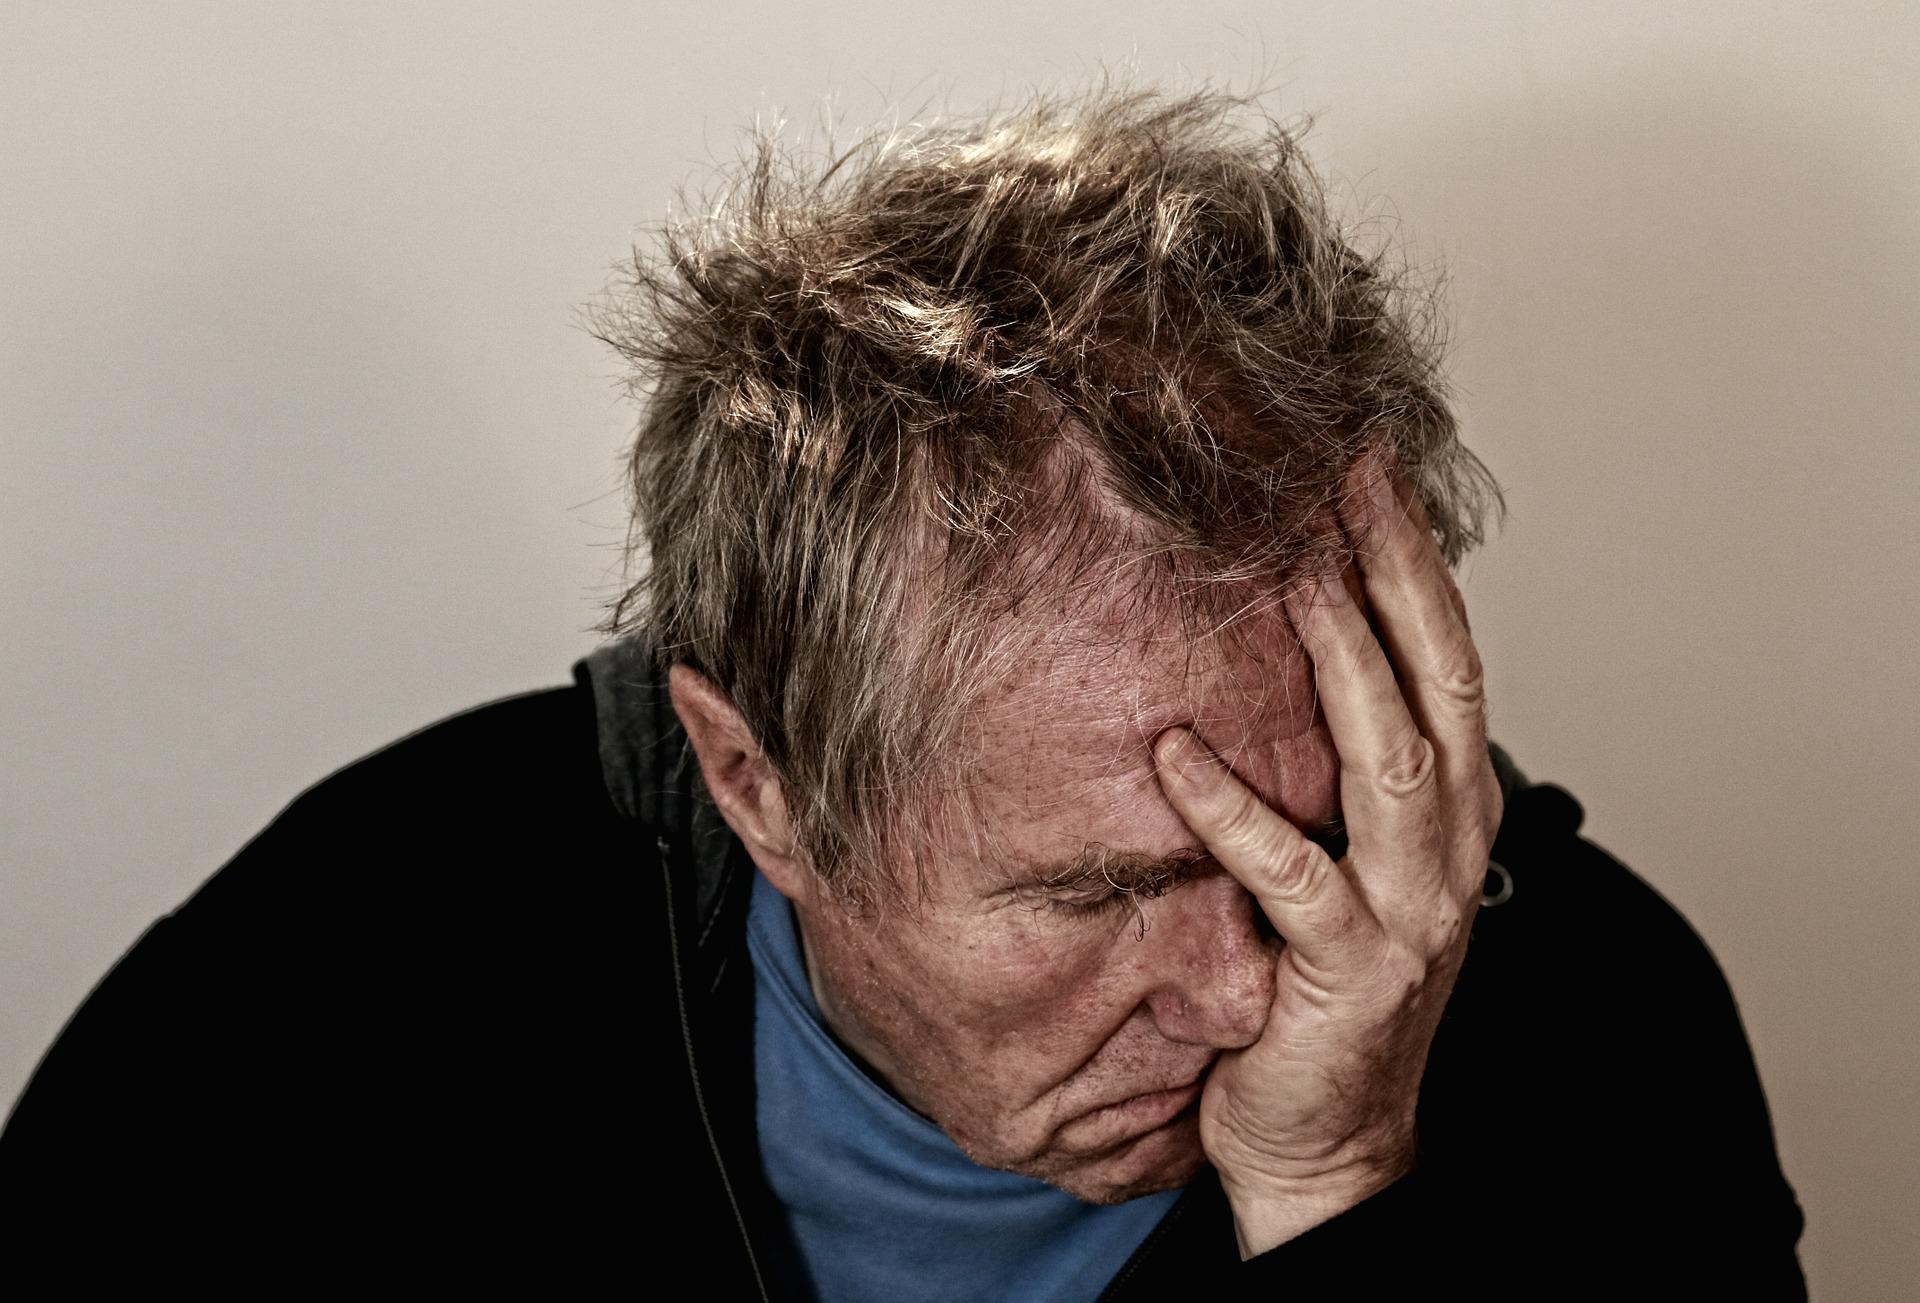 Homem de idade com a mão no rosto em sinal de dor e cansaço.